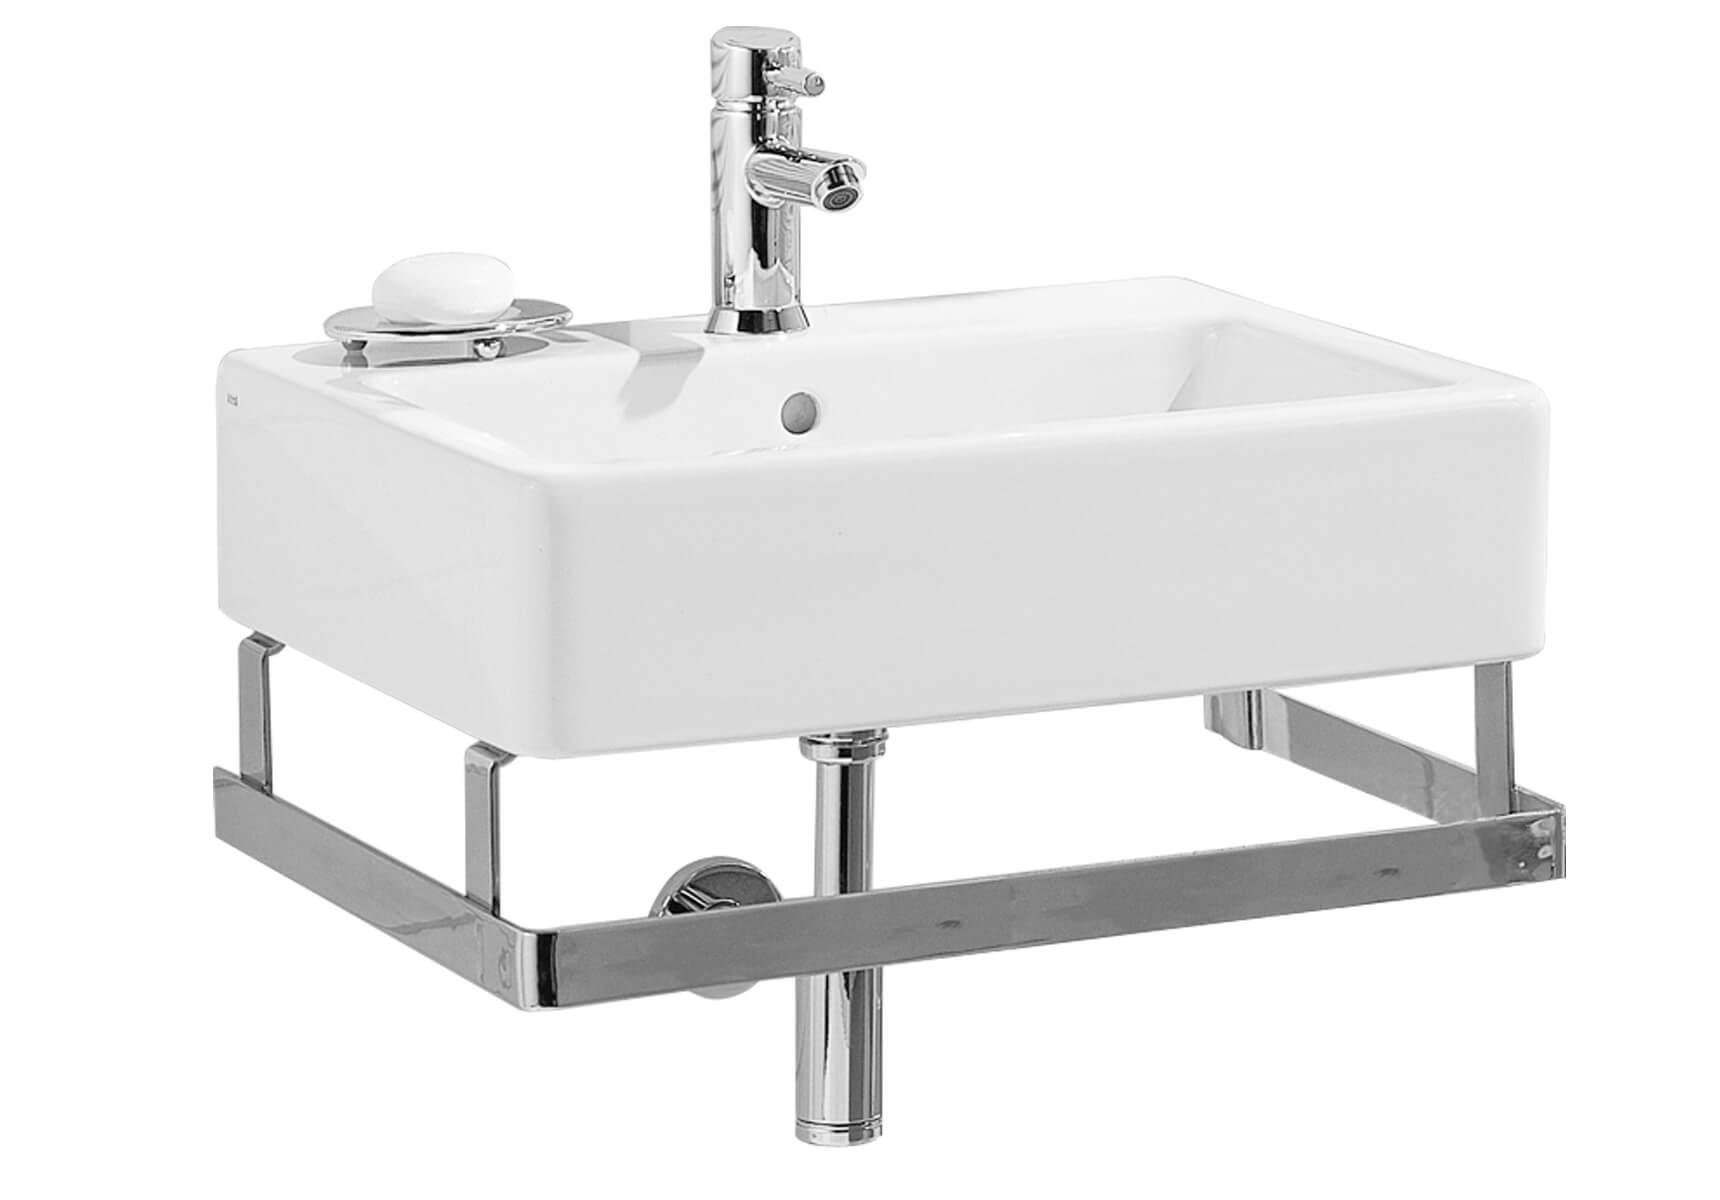 D-Light porte-serviettes, pour lavabo #5918, acier inoxydable, chromé